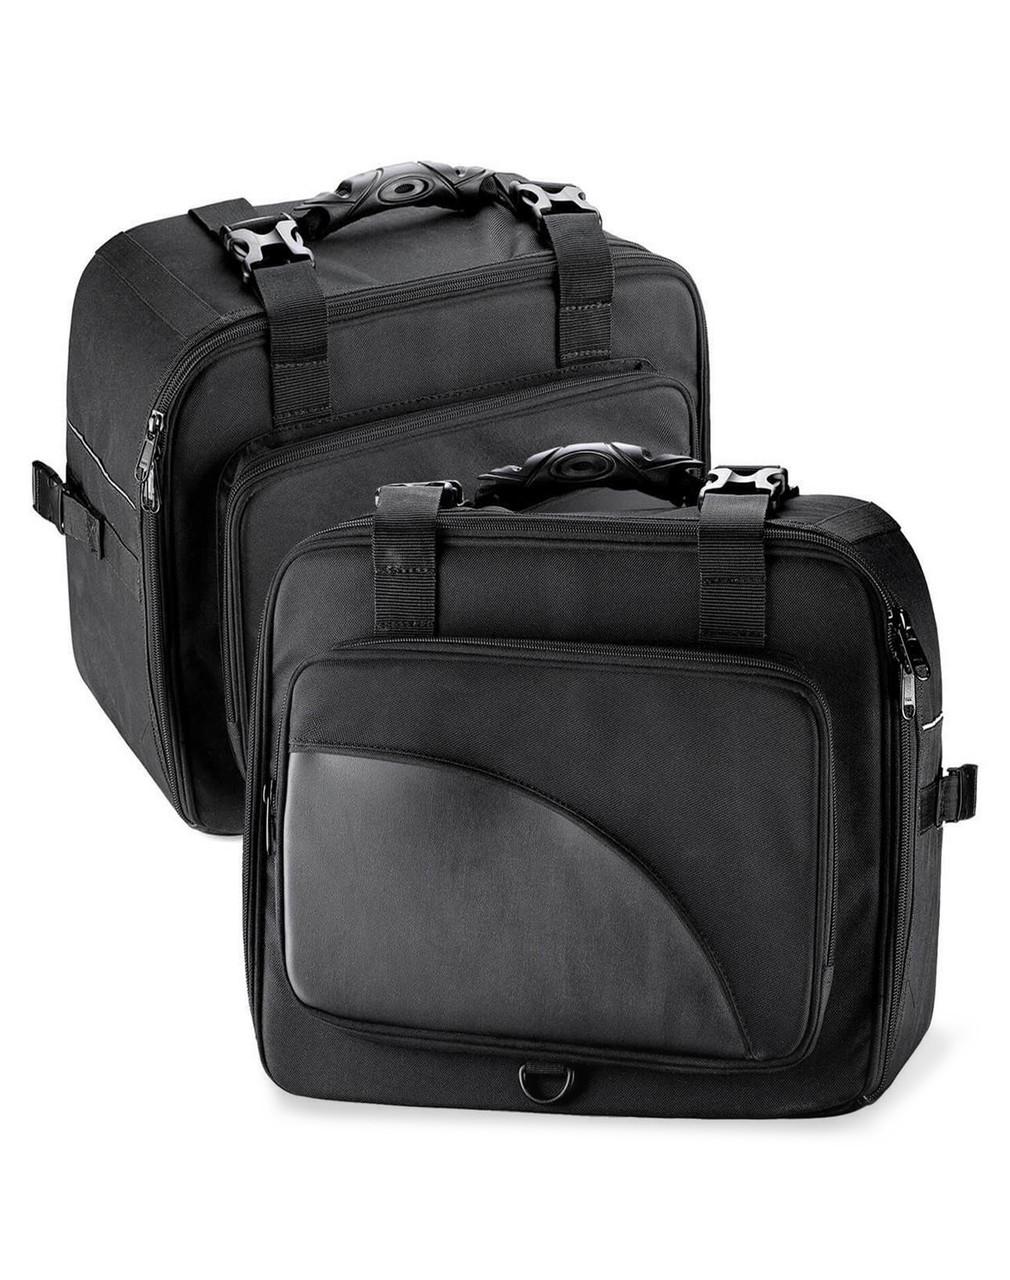 Viking Extra Large Black Street/Sportbike Saddlebag Both Bags View